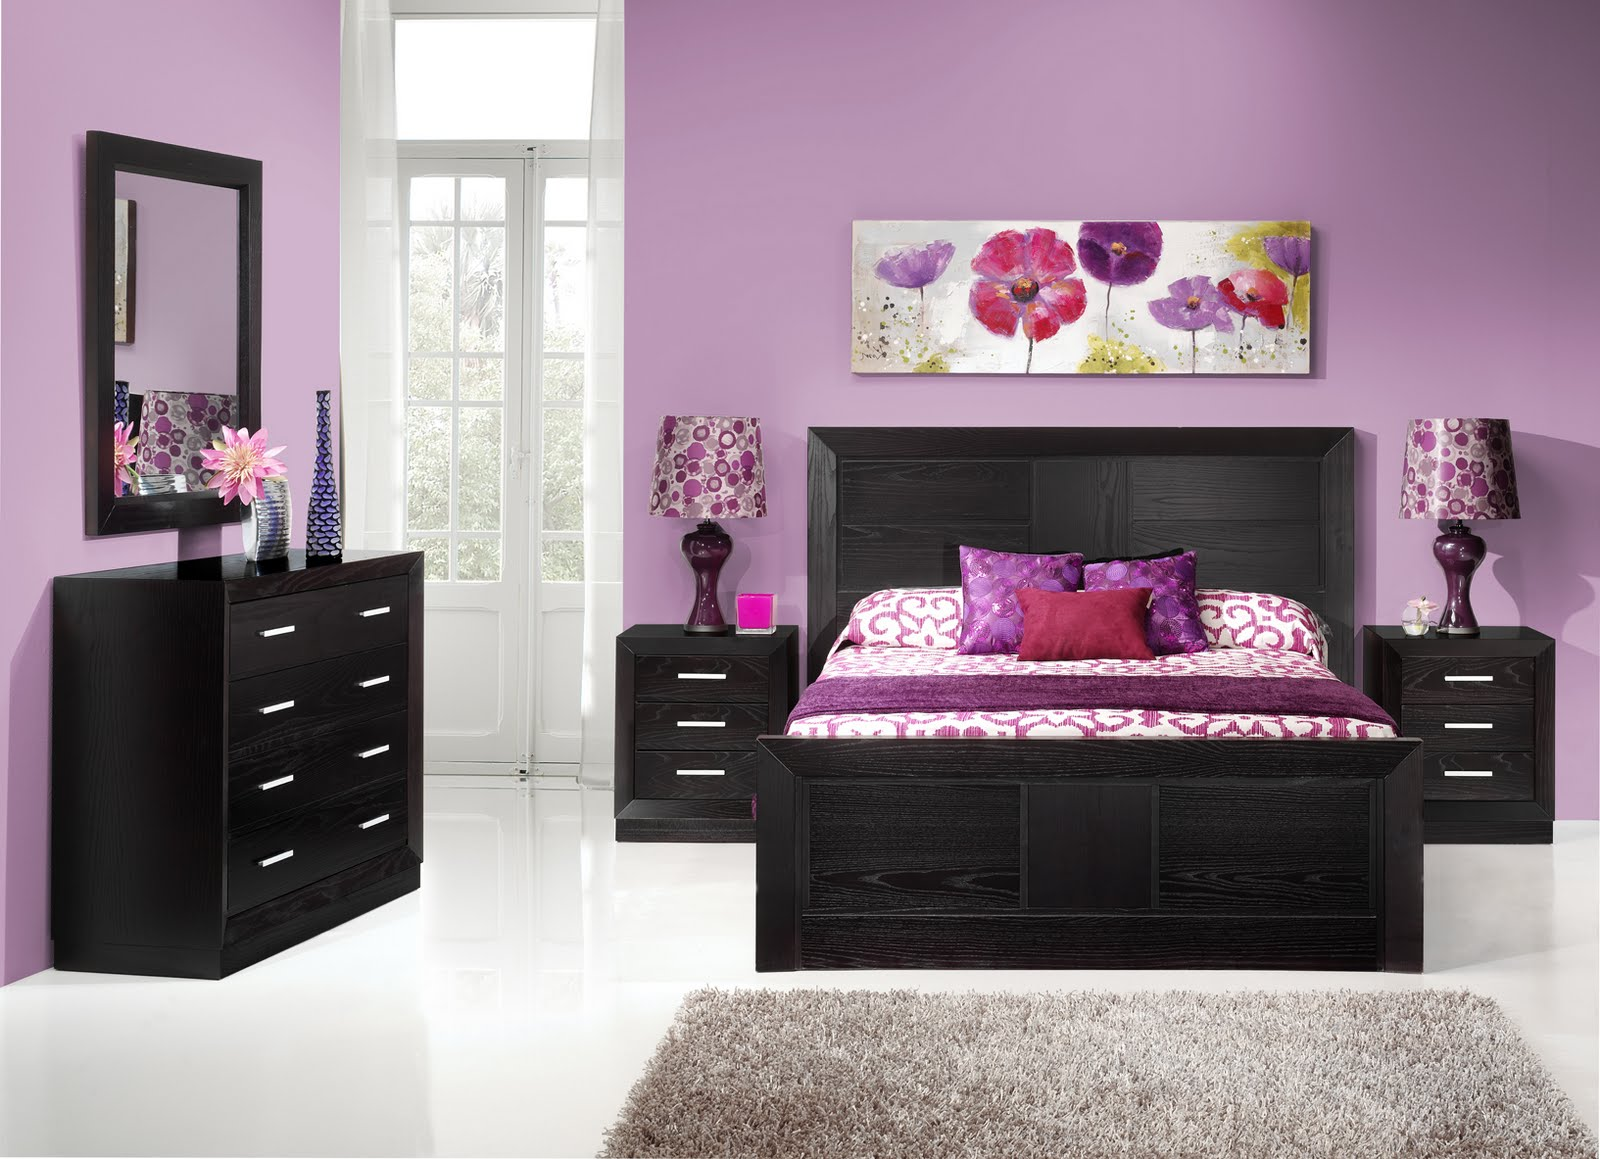 Modelo de dormitorios imagui for Opciones para decorar mi cuarto